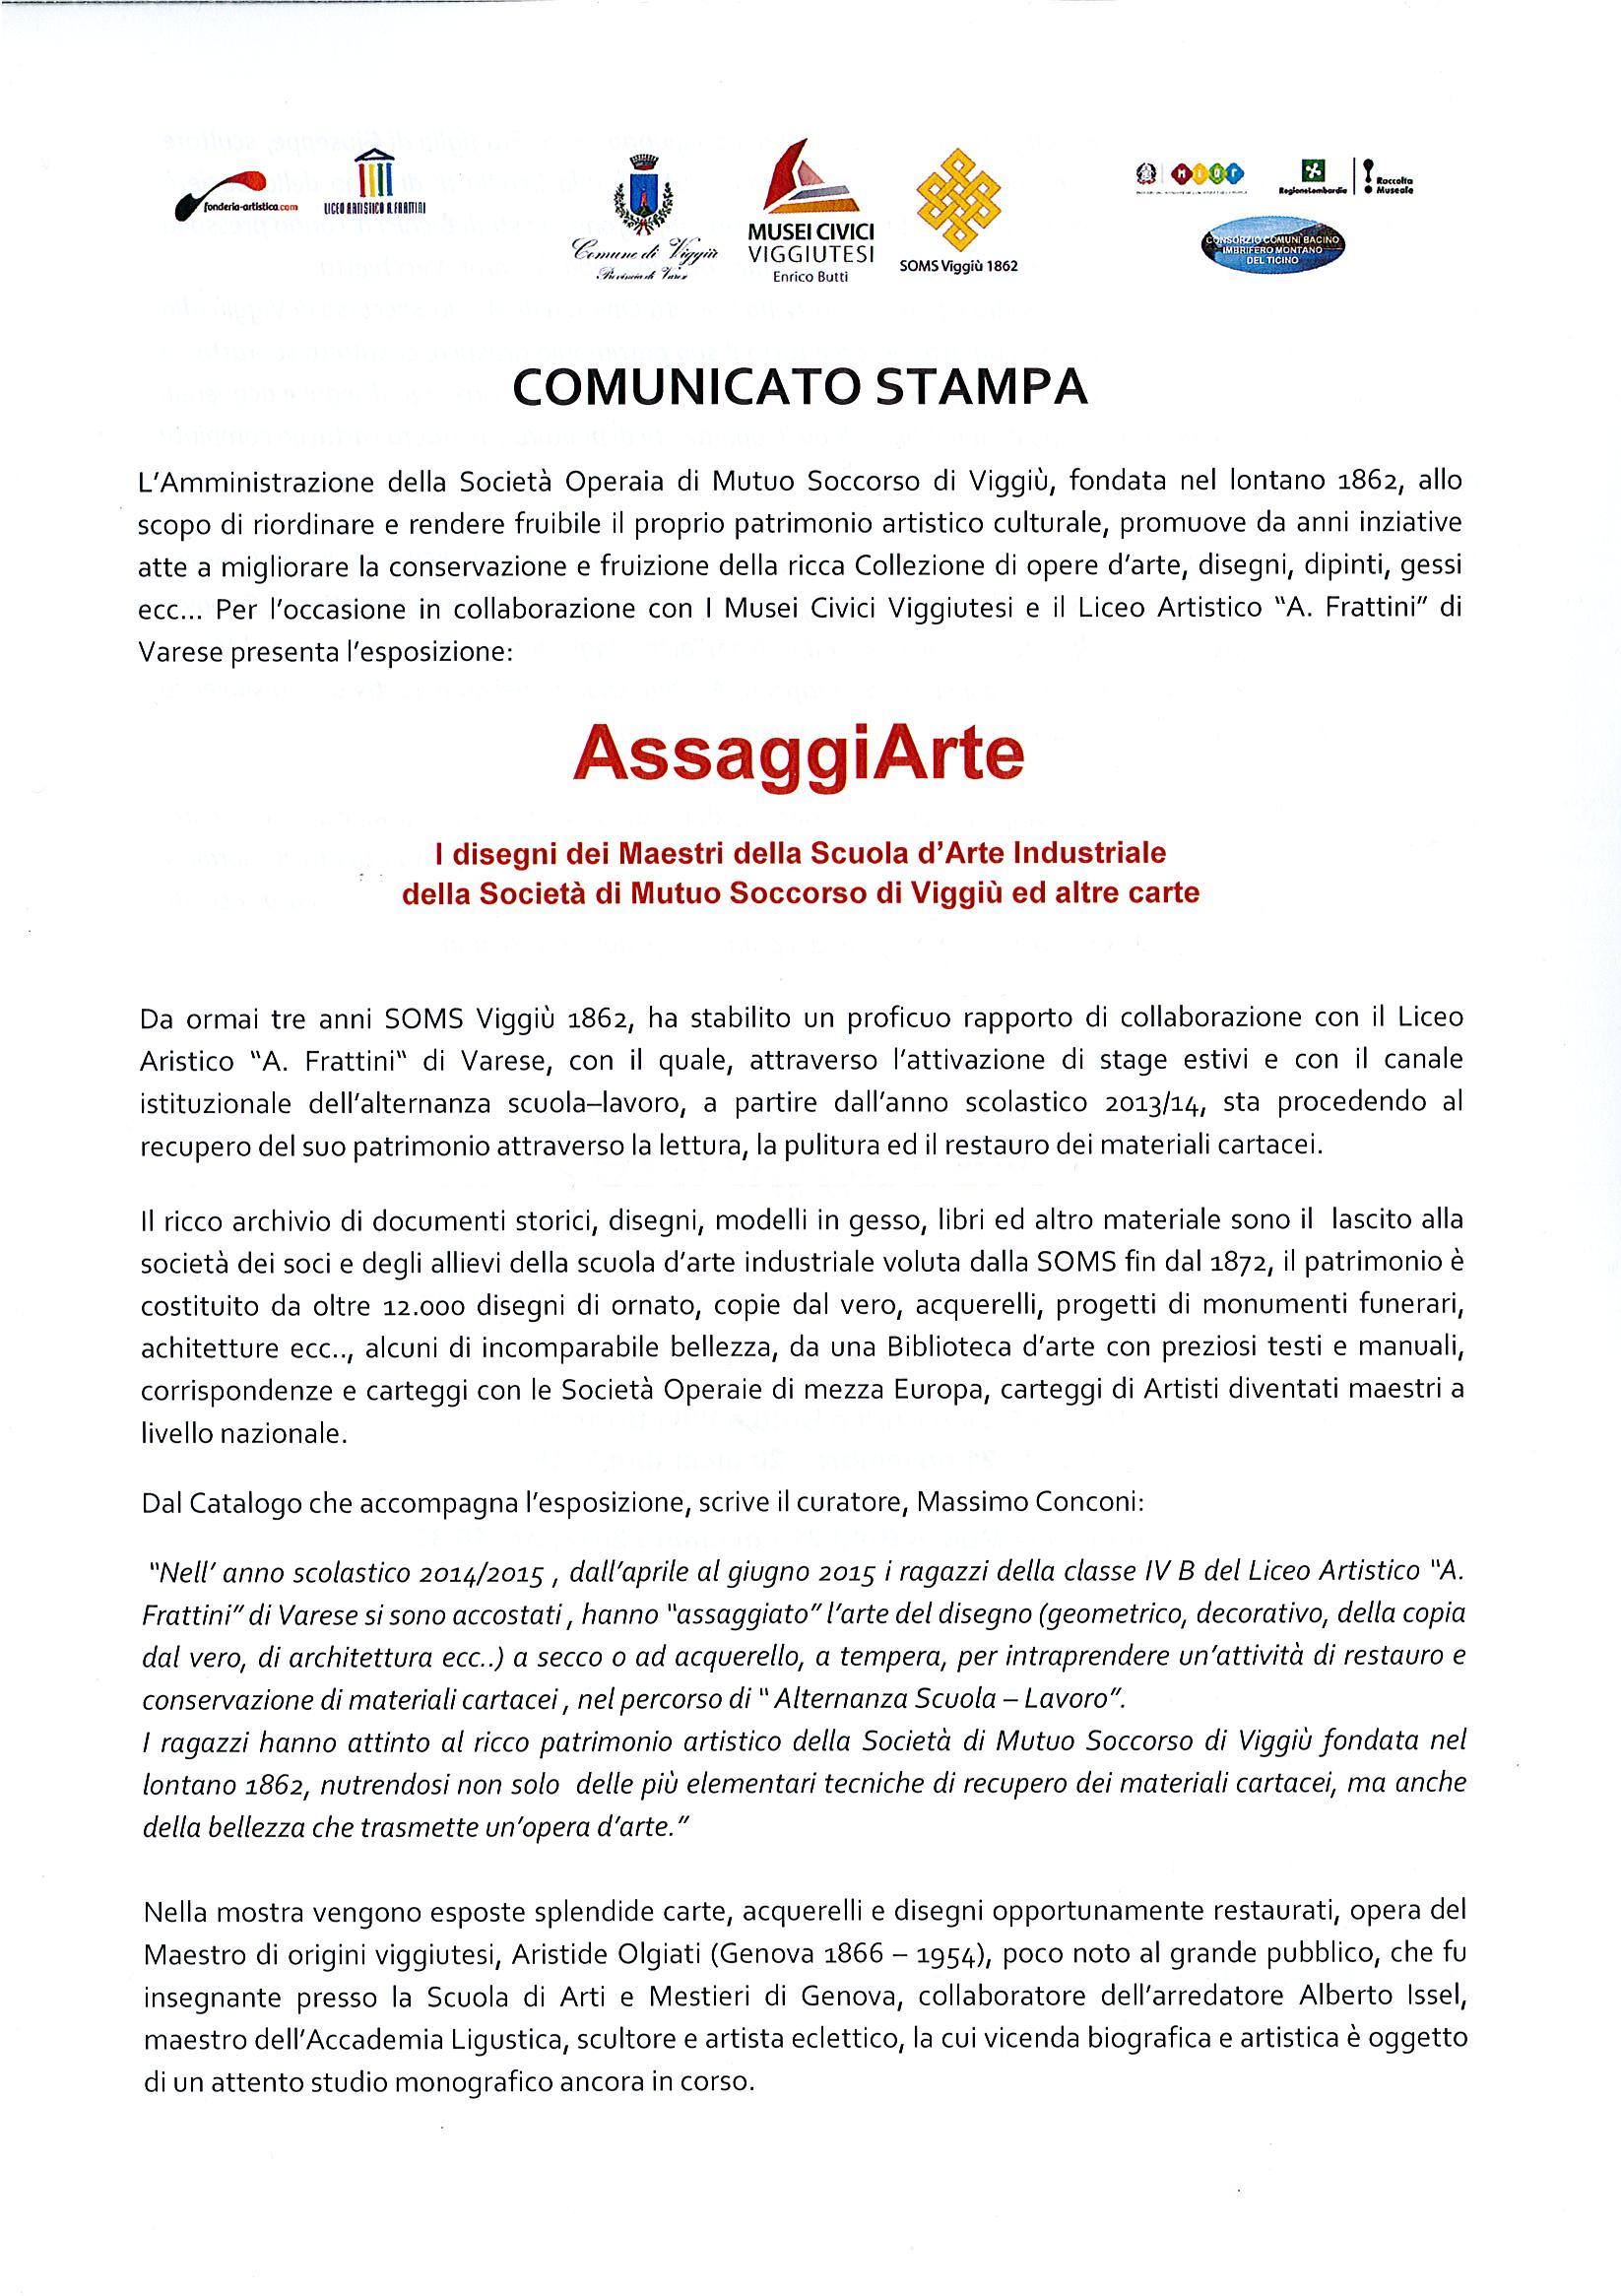 High Quality AssaggiArte Mostra Dei Maestri Della Scuola Du0027Arte Industriale